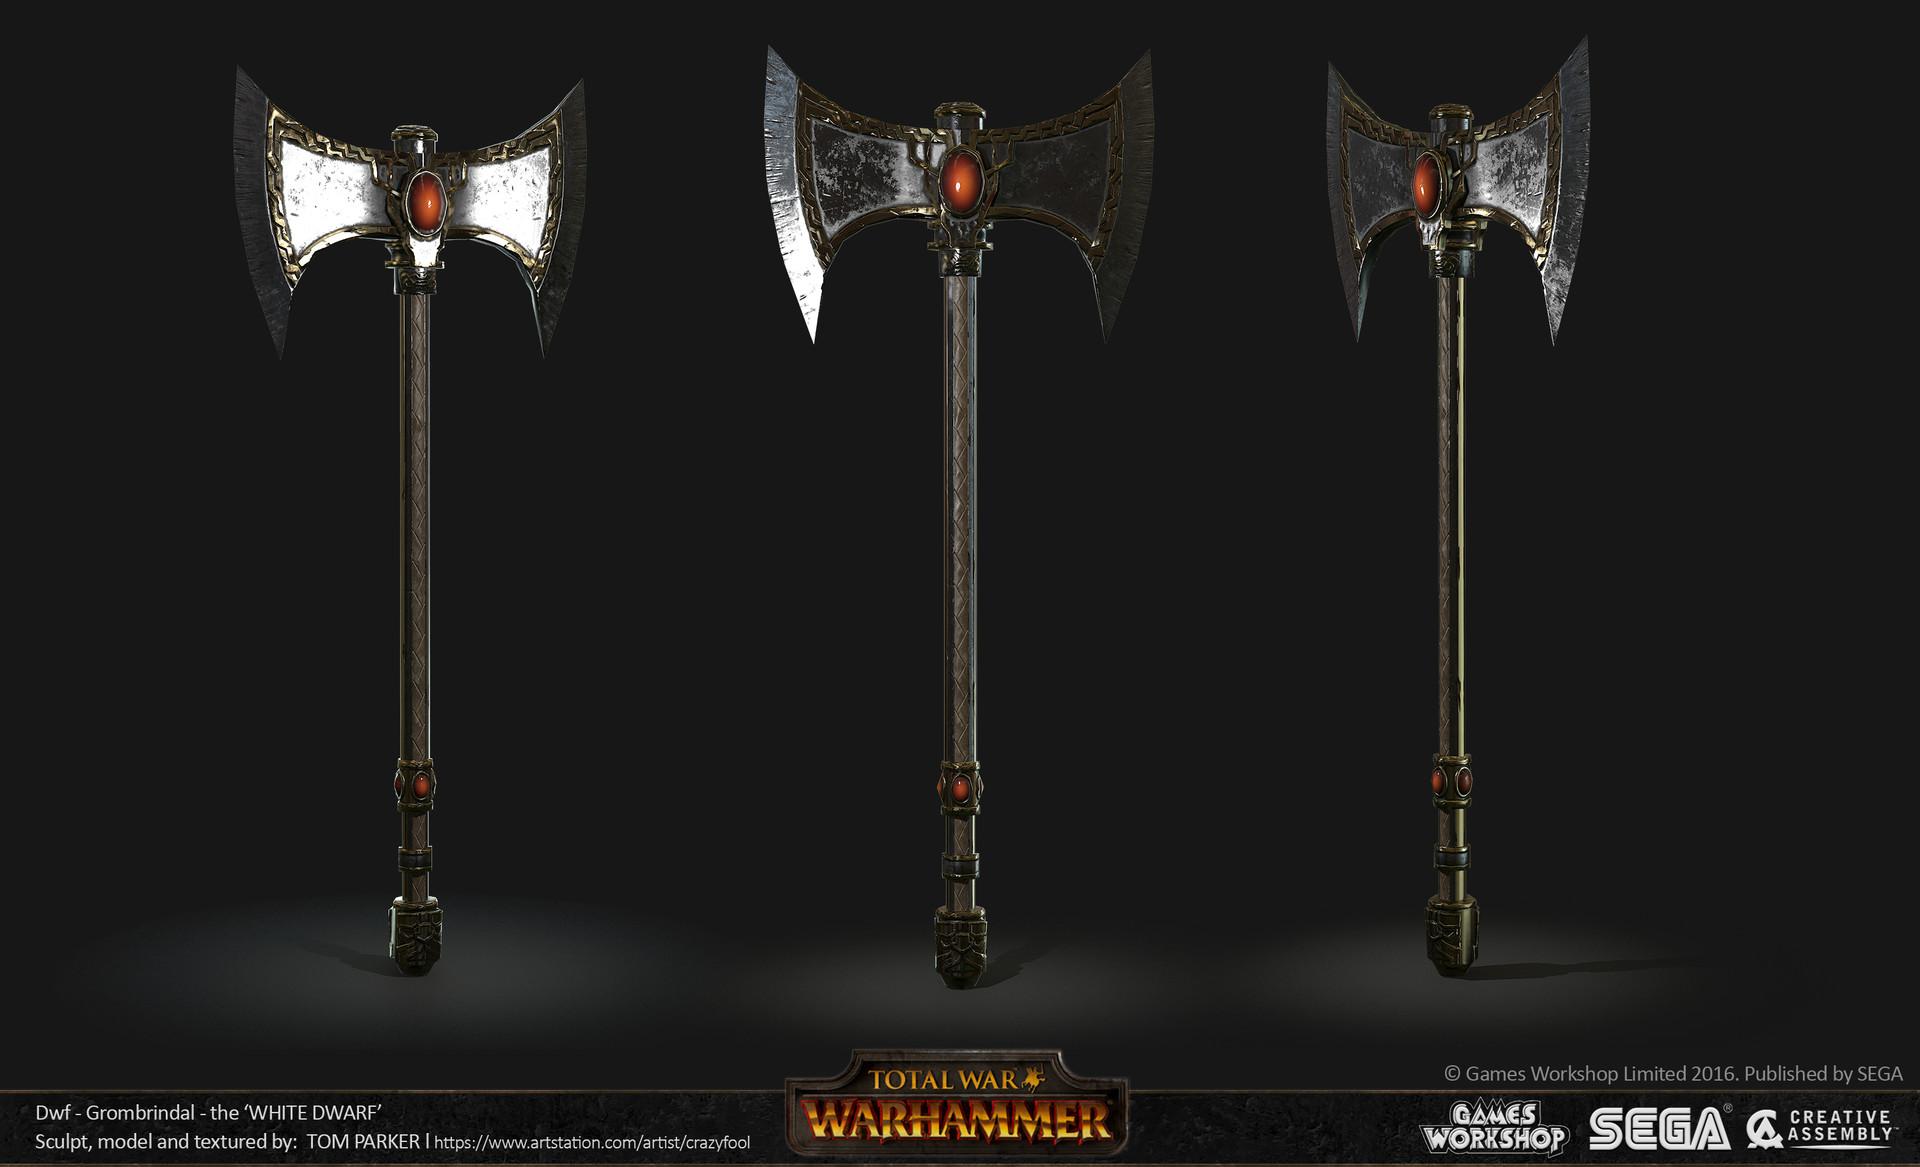 tom parker - total war warhammer